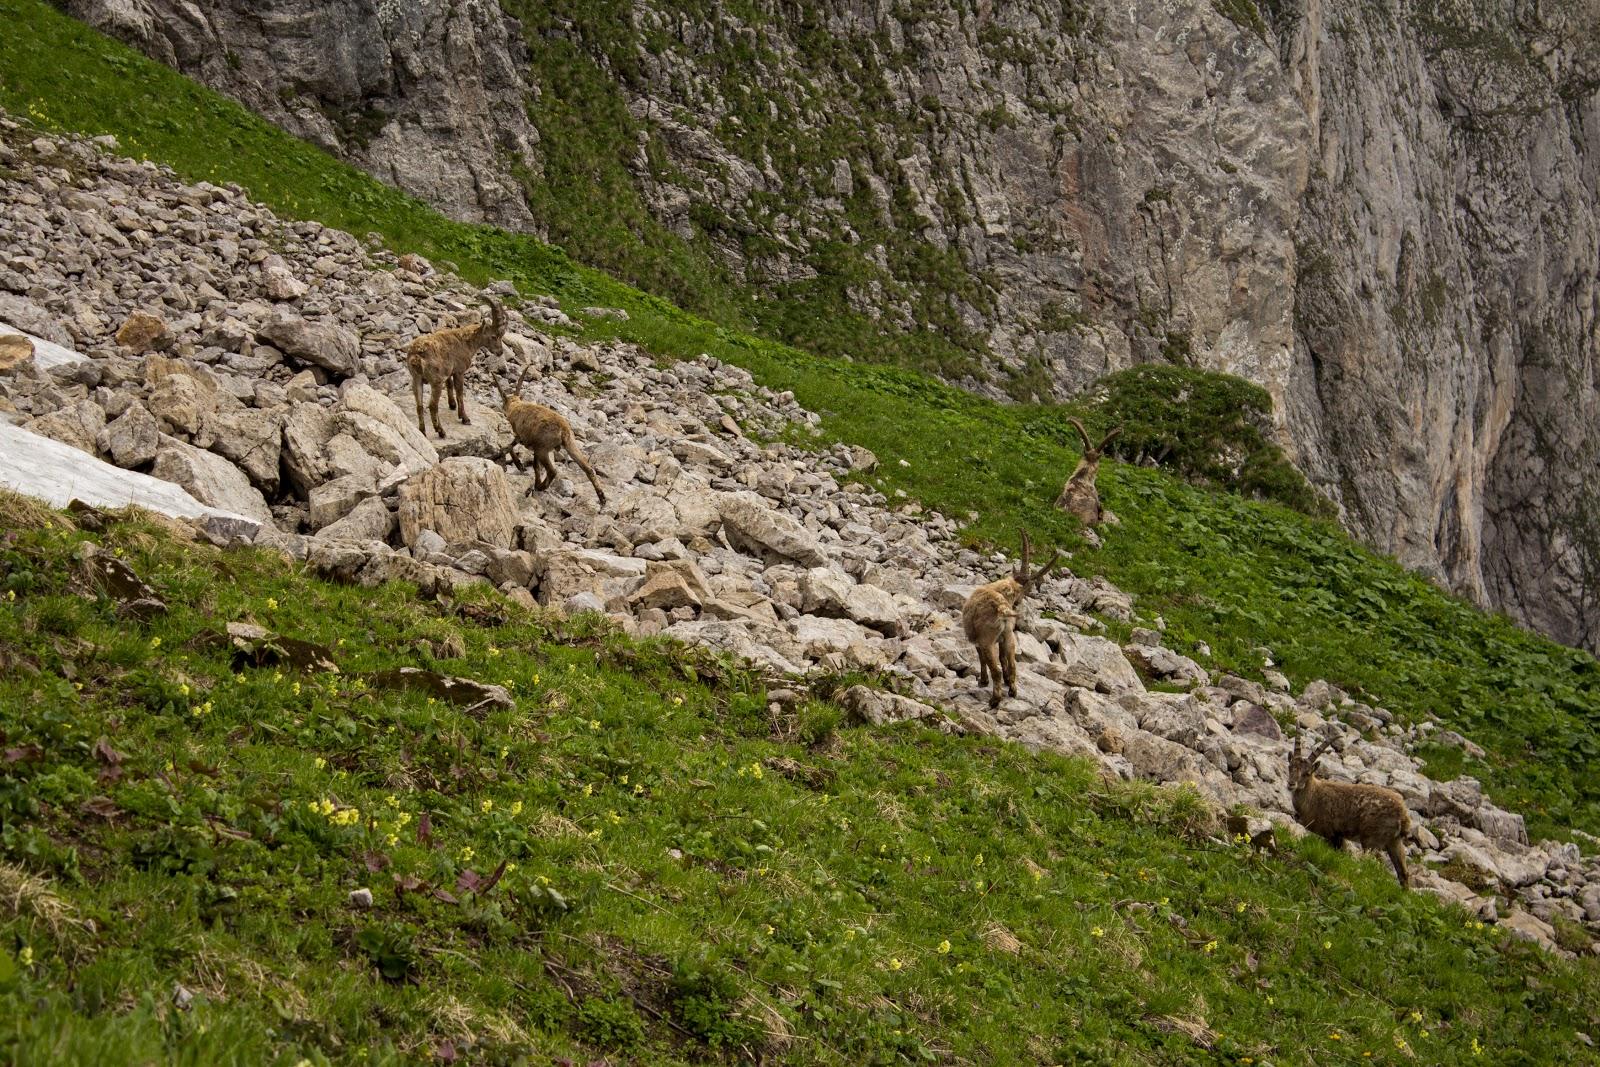 Steinbockherde - Zweitätige Rundwanderung von der Hirnalm über den Grete Klinger Steig zum Reichenstein und über Krumpenhals und Krumpensee wieder zurück zur Hirnalm.